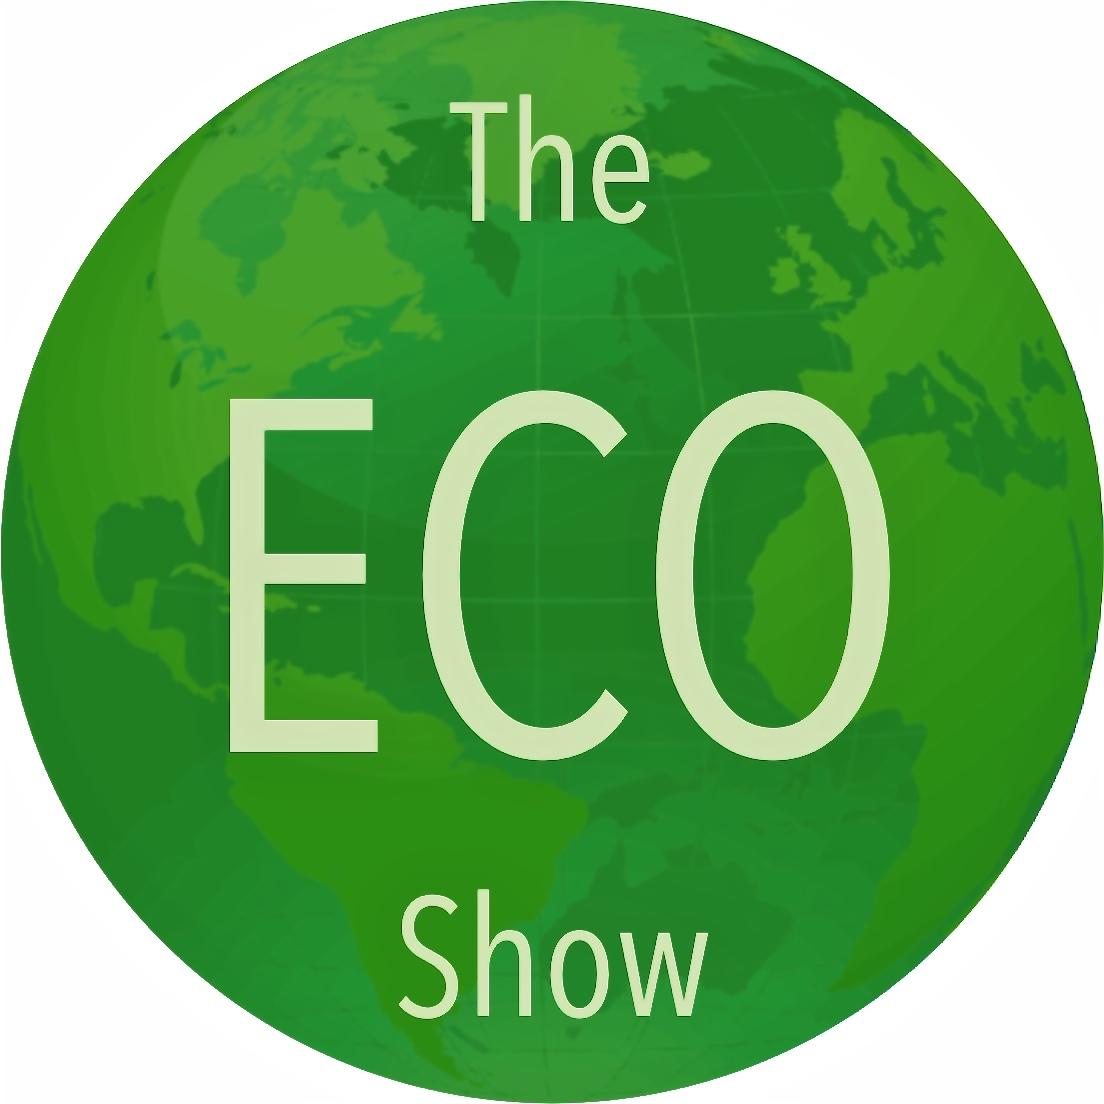 The ECO Show